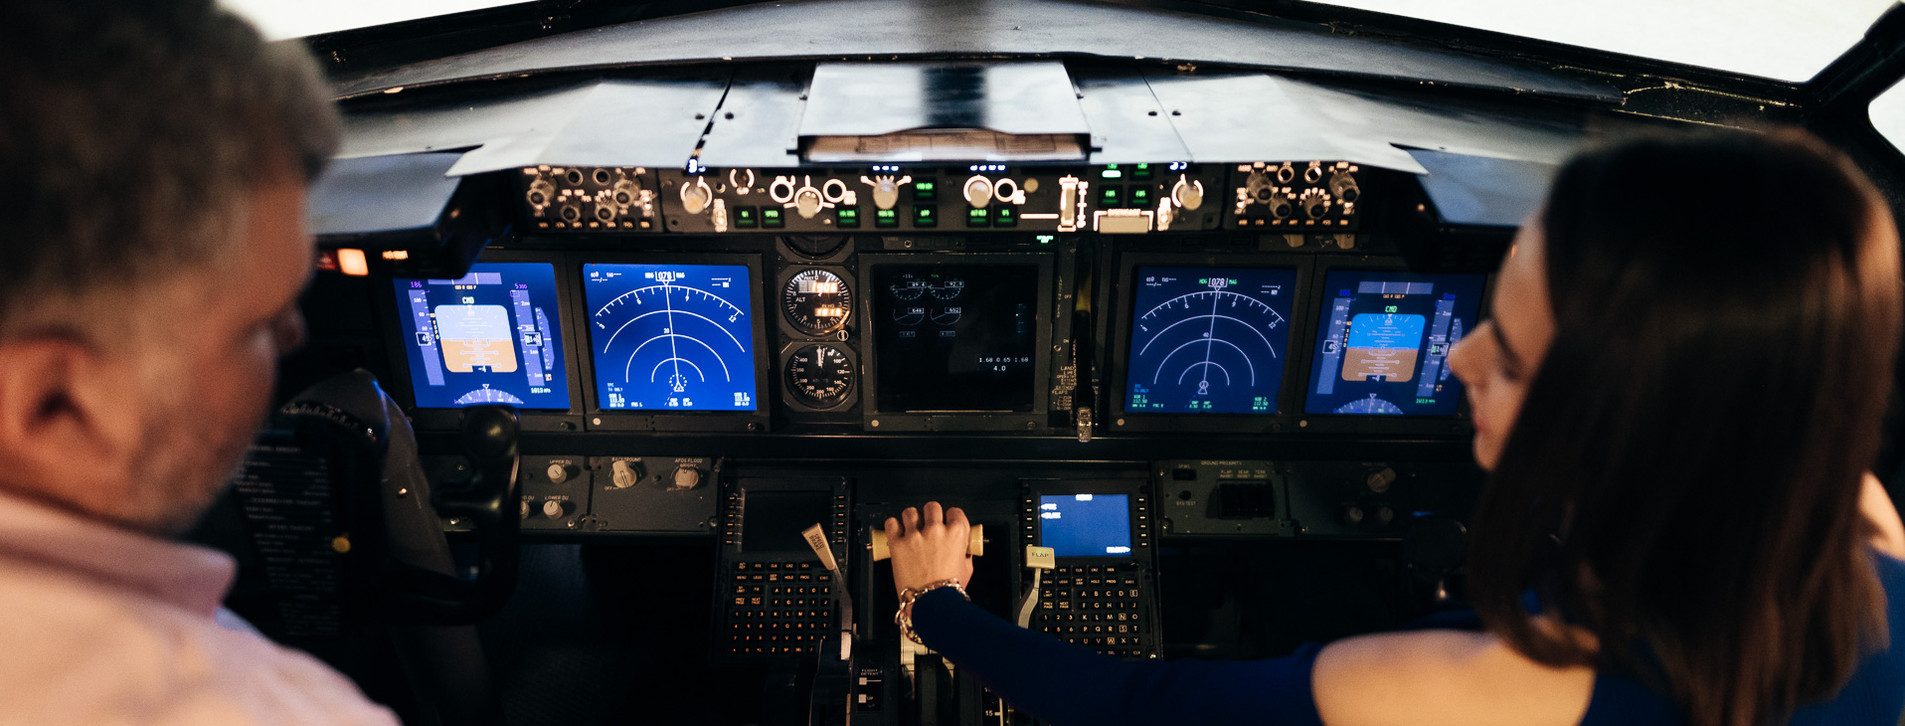 Fotoğraf 1 - Boeing 737 Uçuş Simülatörü Deneyimi